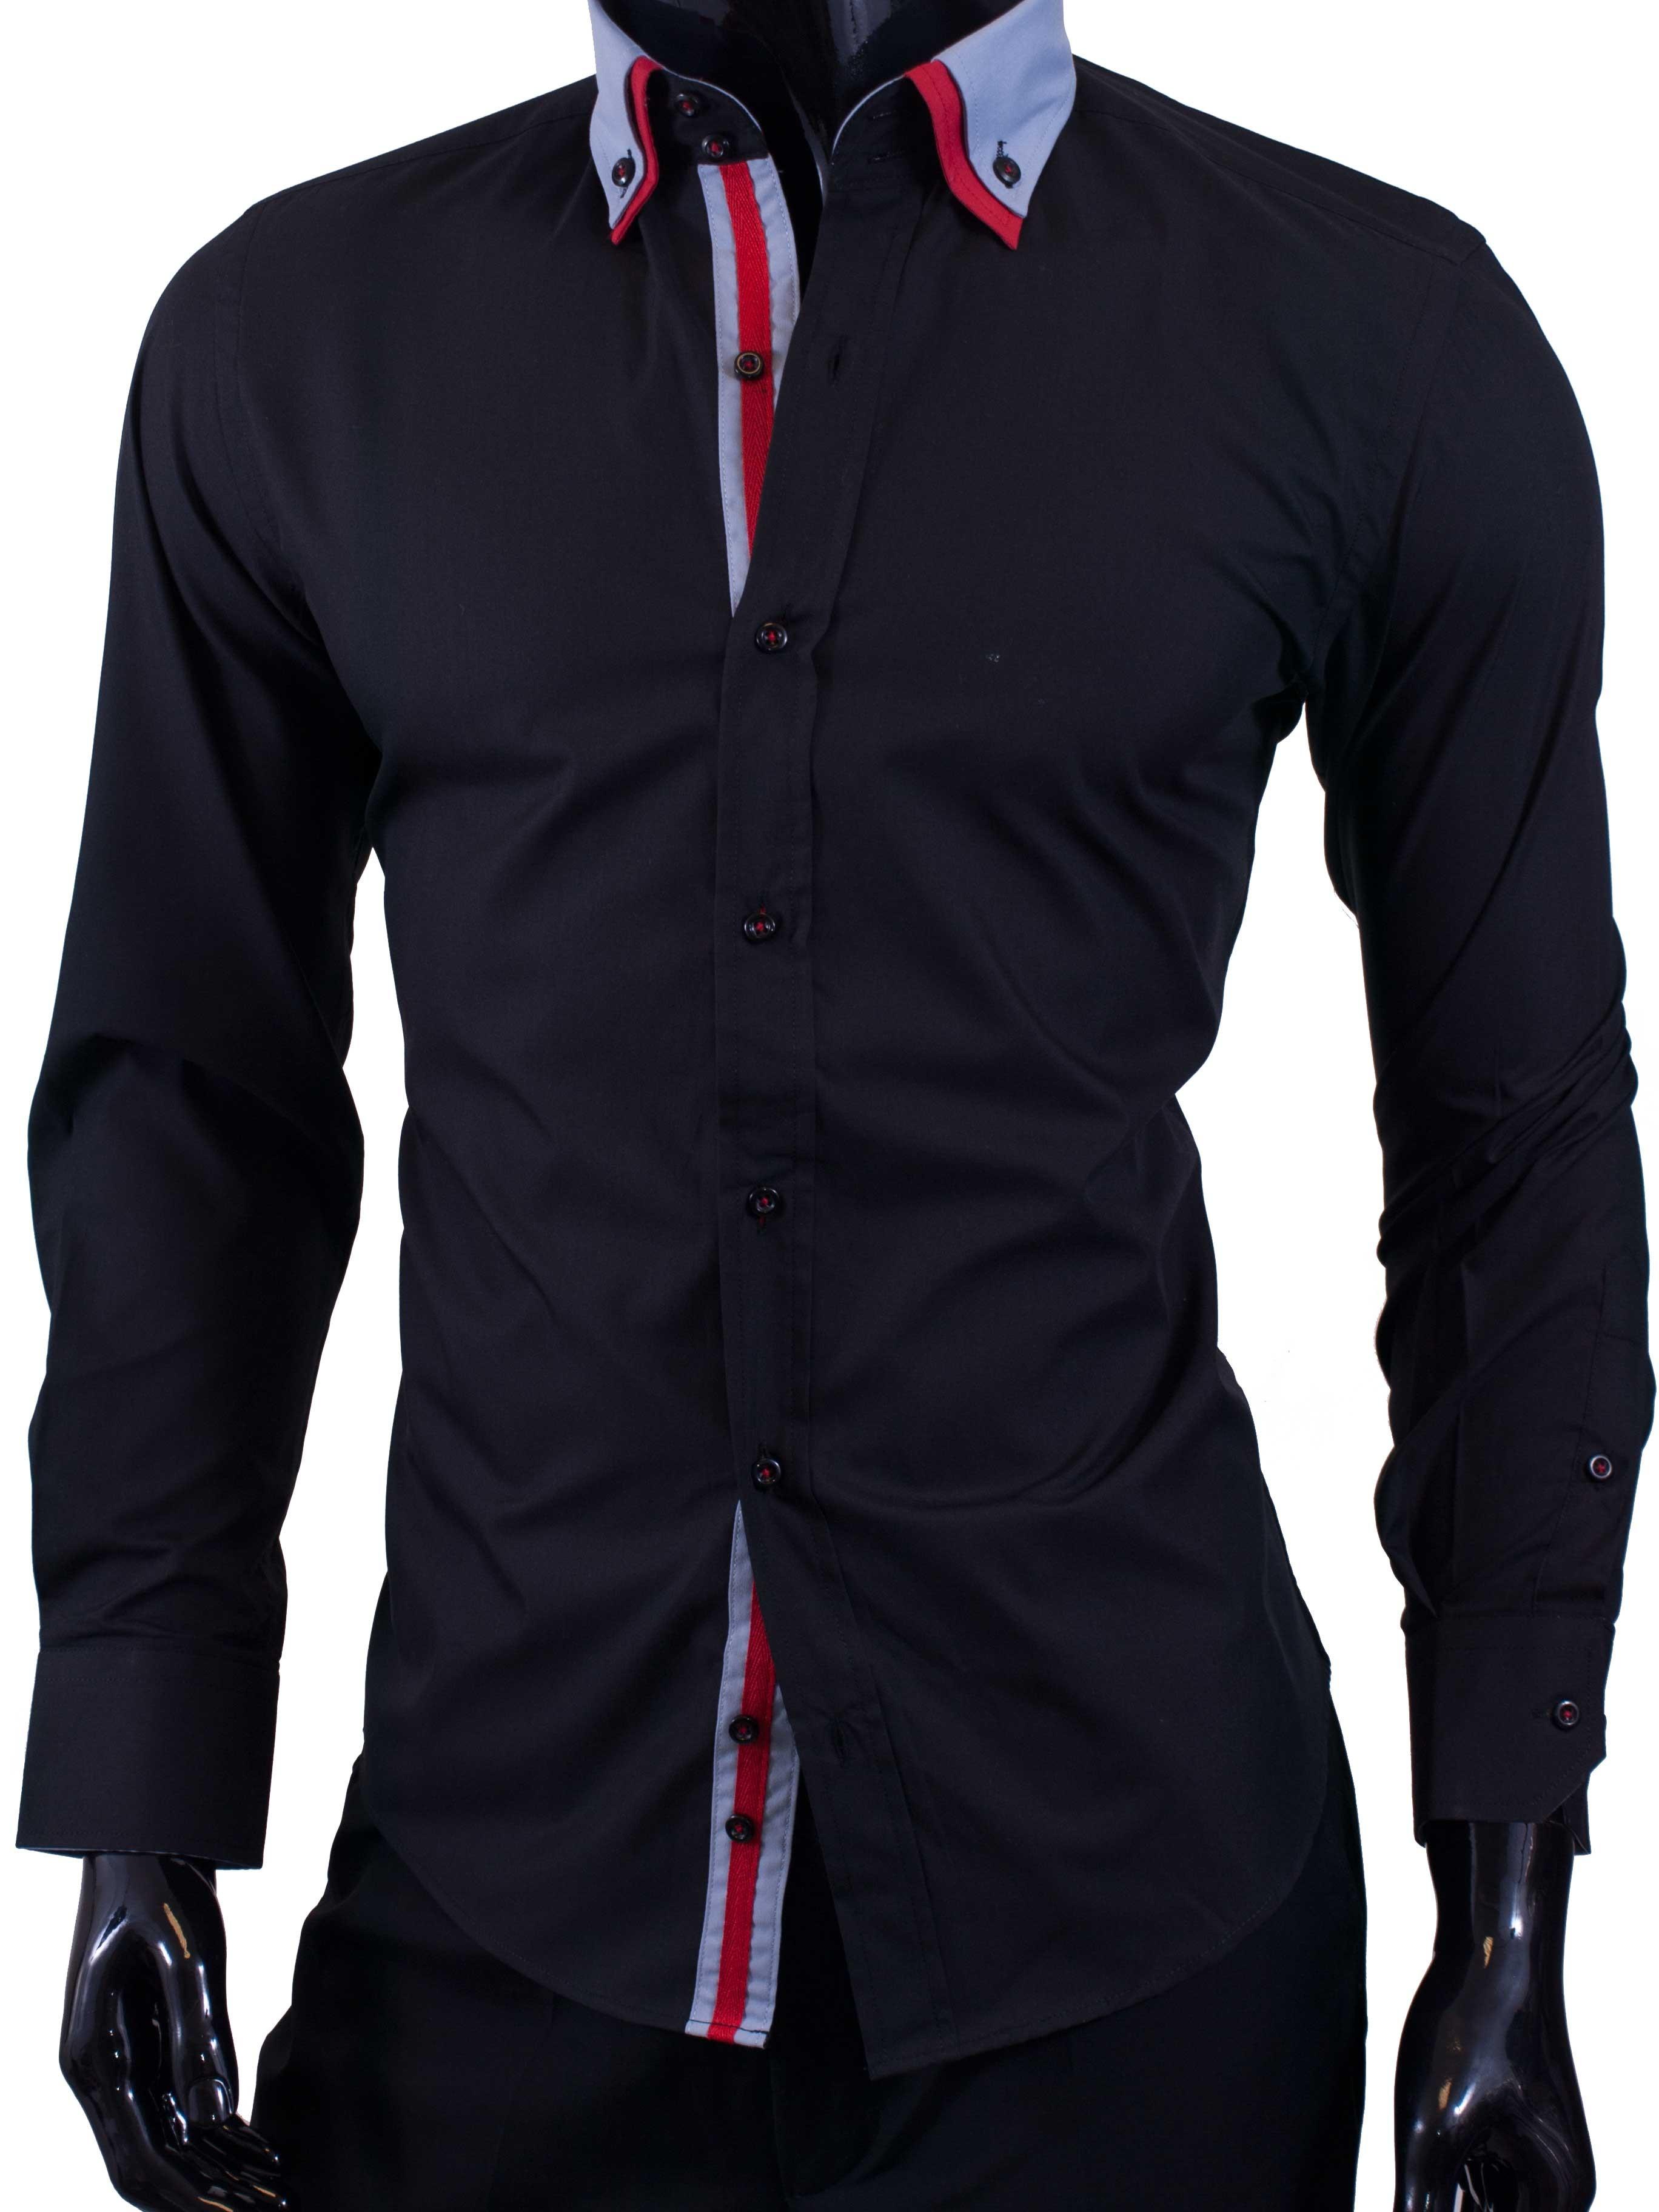 Pánské košile Egoman černá se světle modrým límečkem